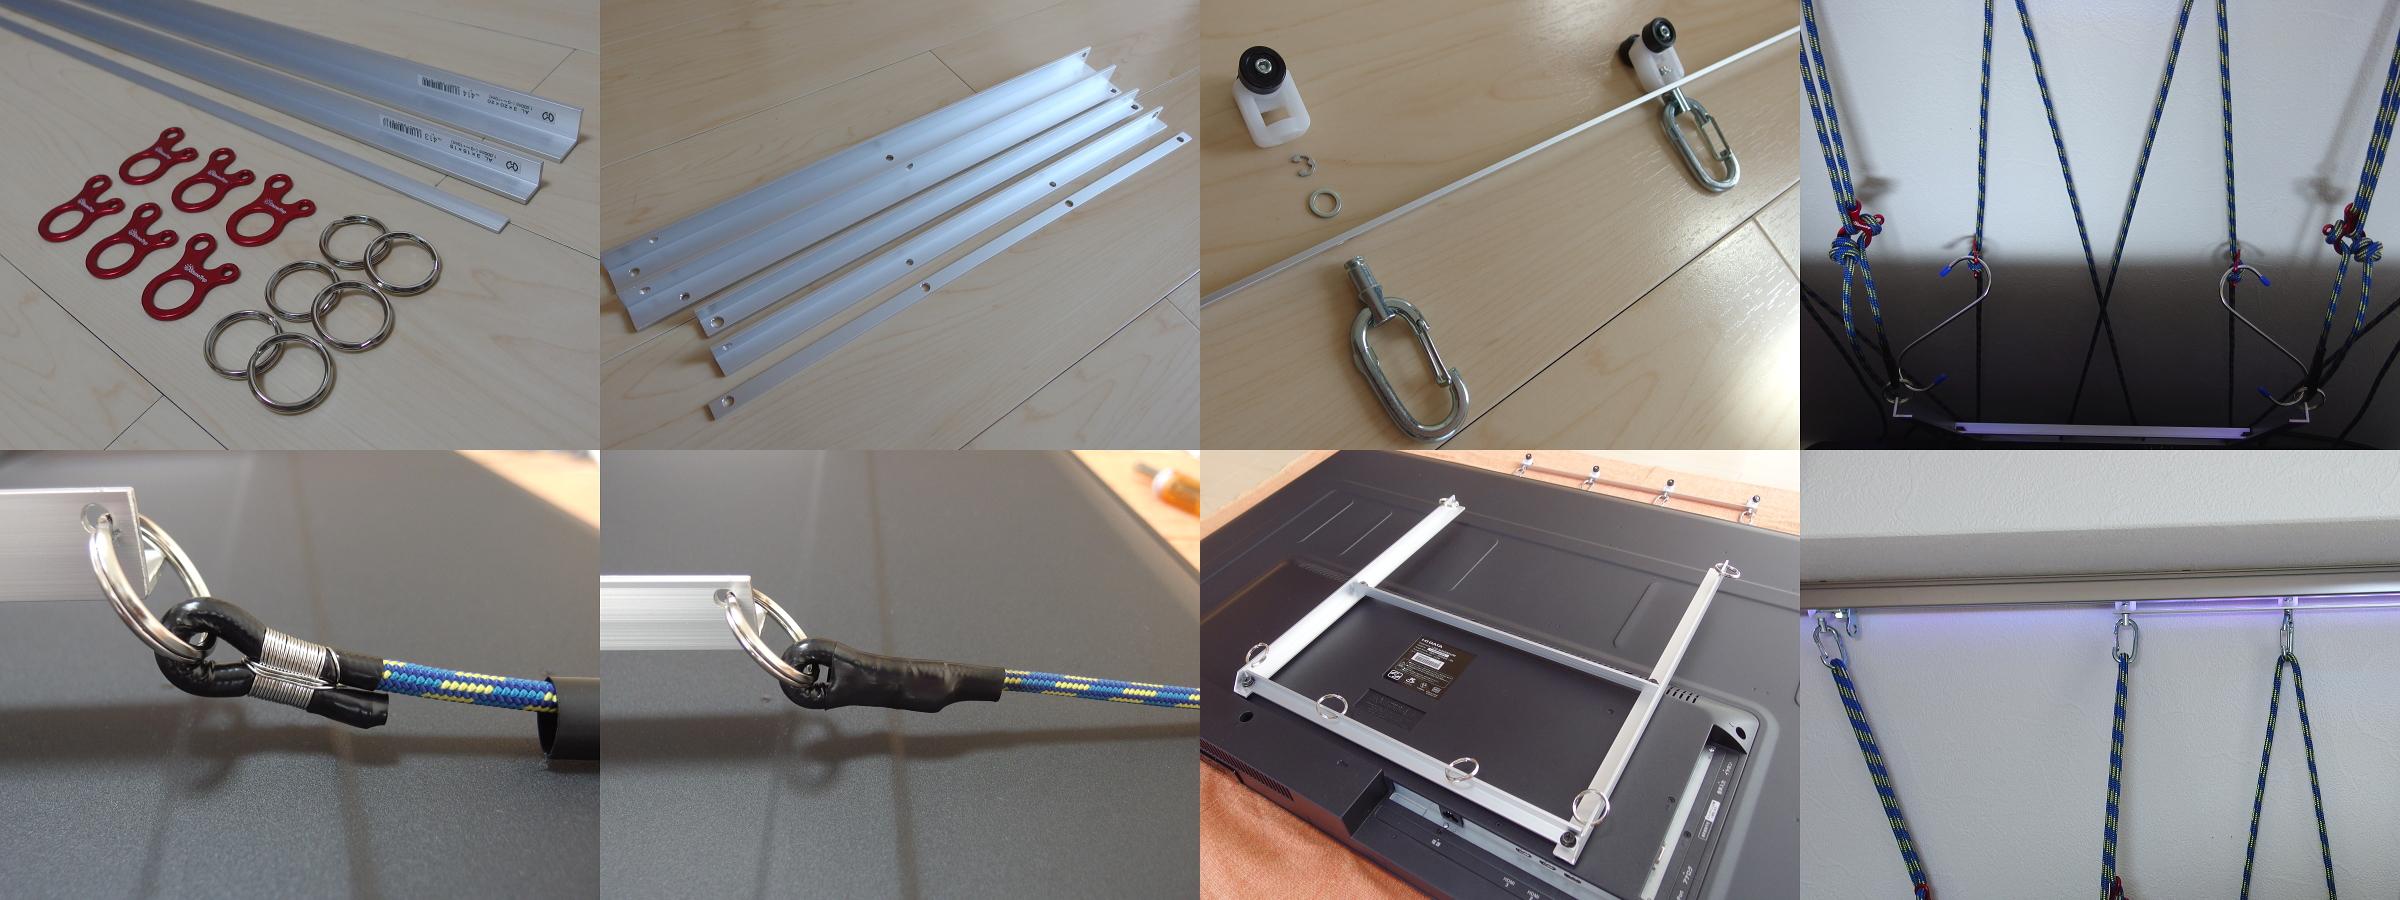 3 - 【画像】PCスレ民、とんでもない方法でモニターを設置してしまう